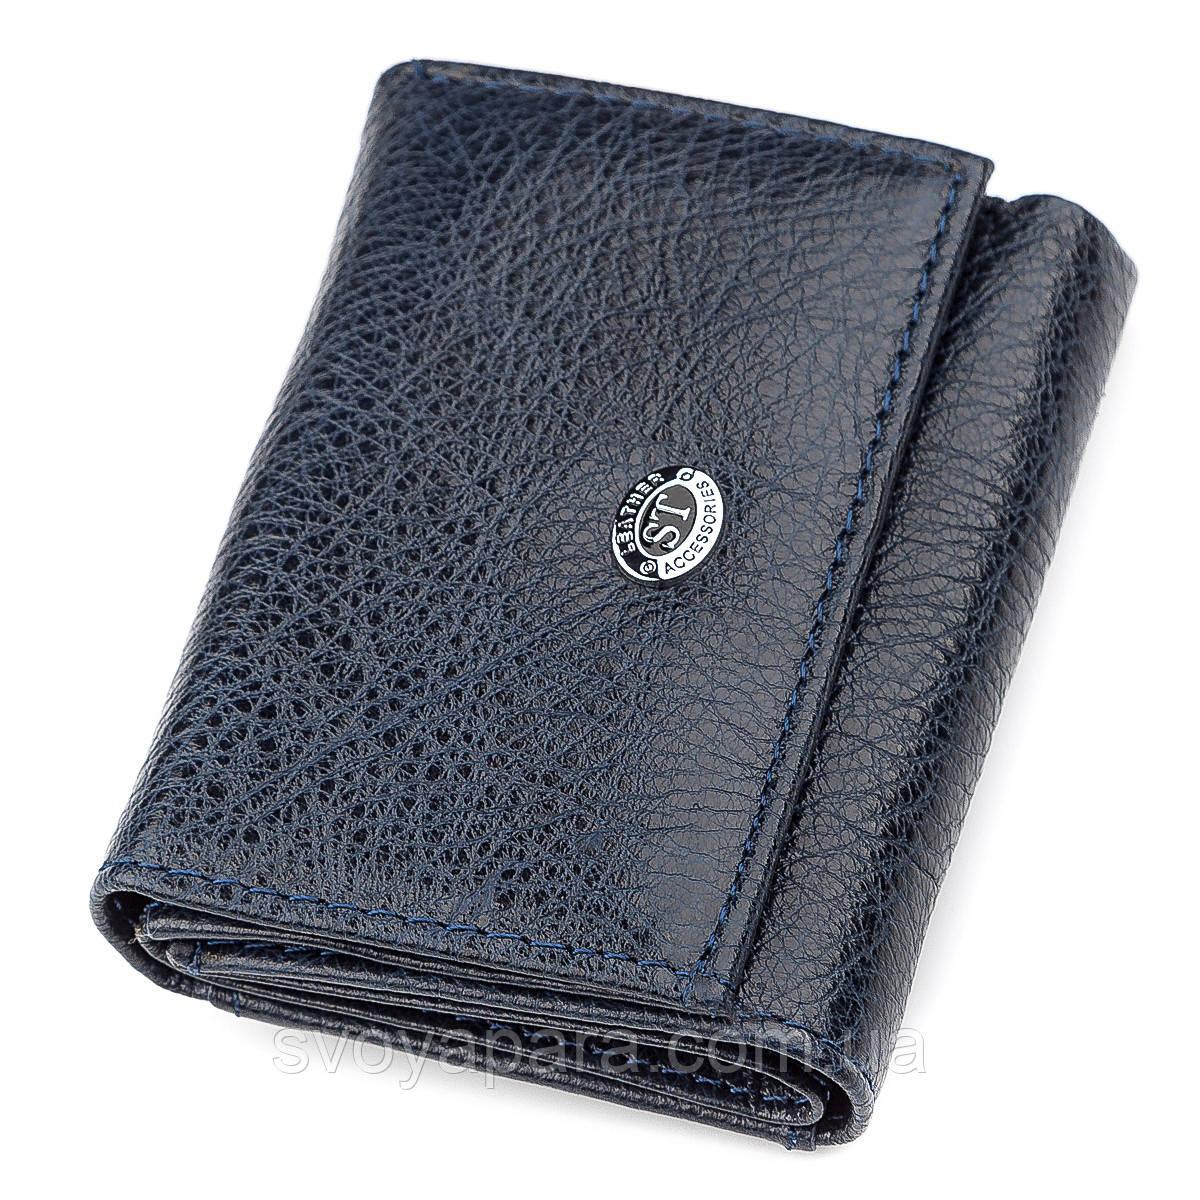 Гаманець ST Leather 18322 (ST440) невеликий шкіряний Синій